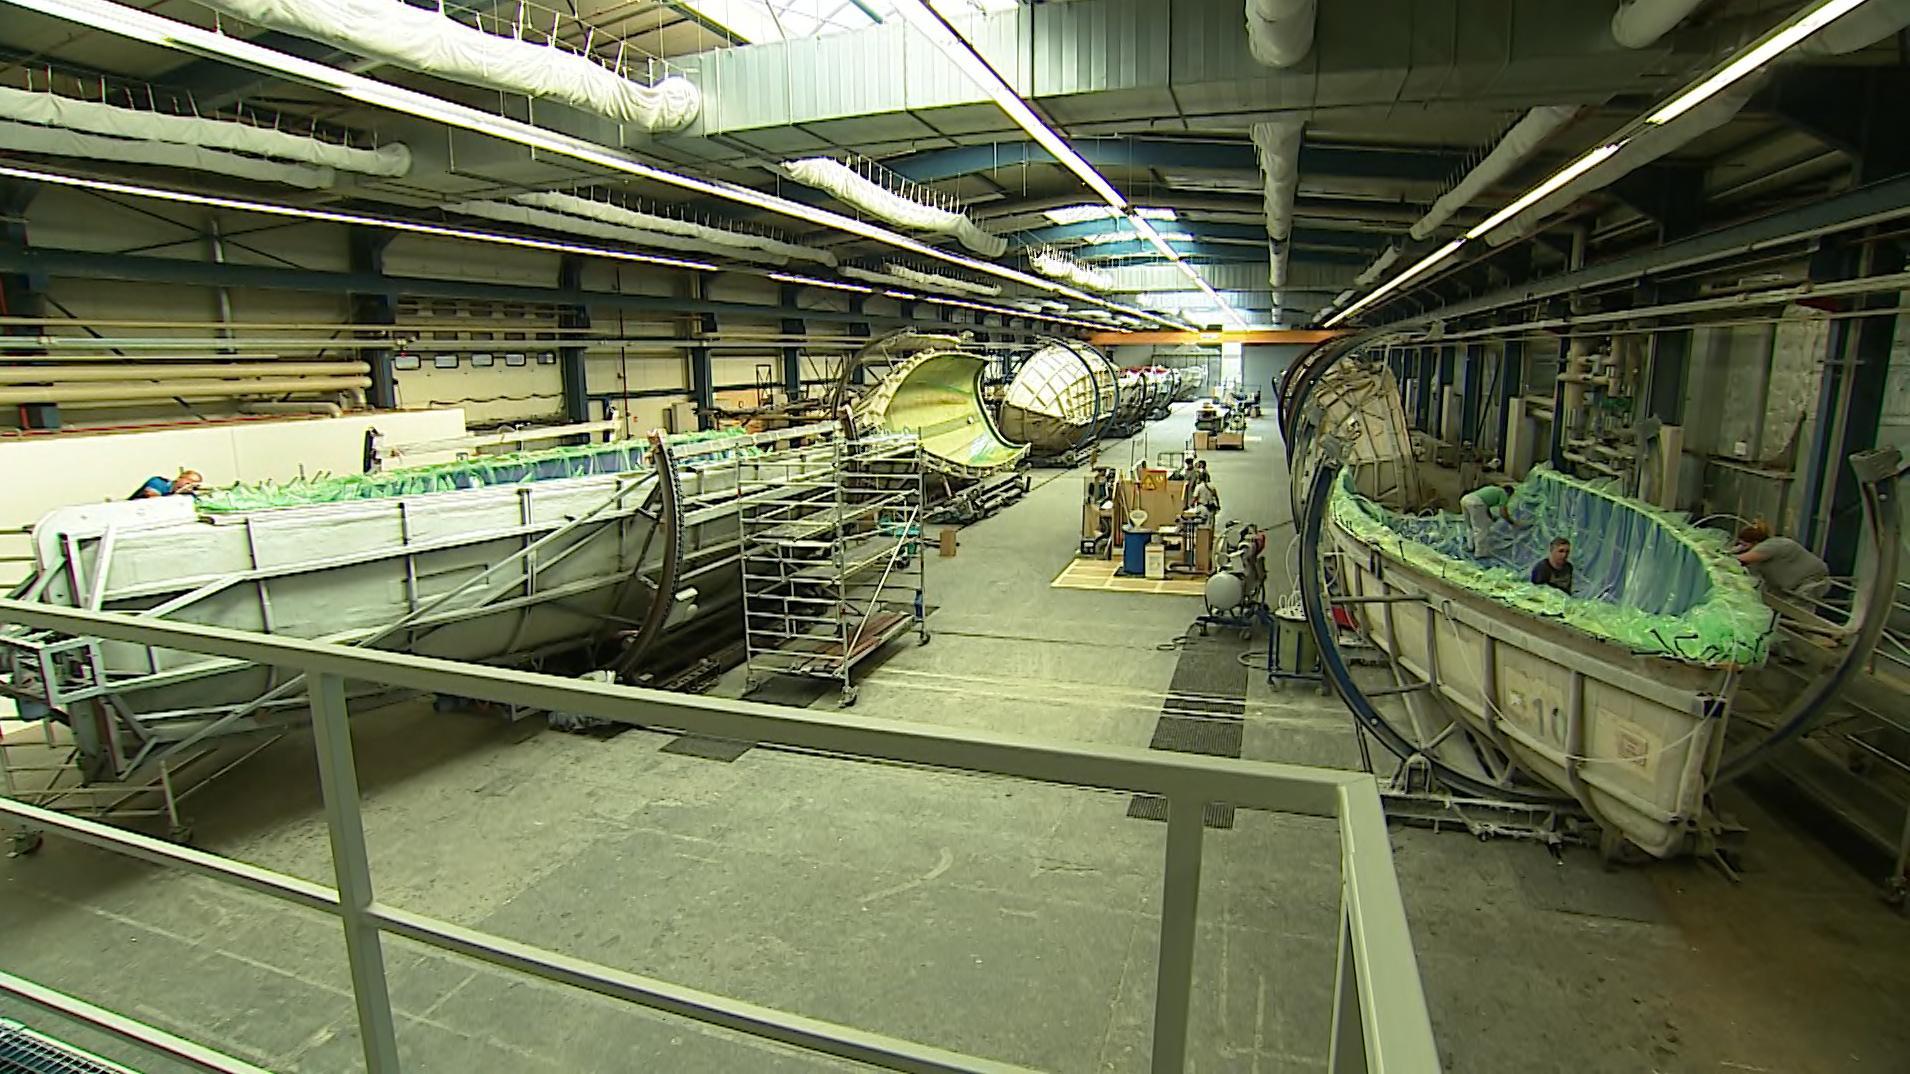 Fertigungshalle von Bavaria Yachtbau